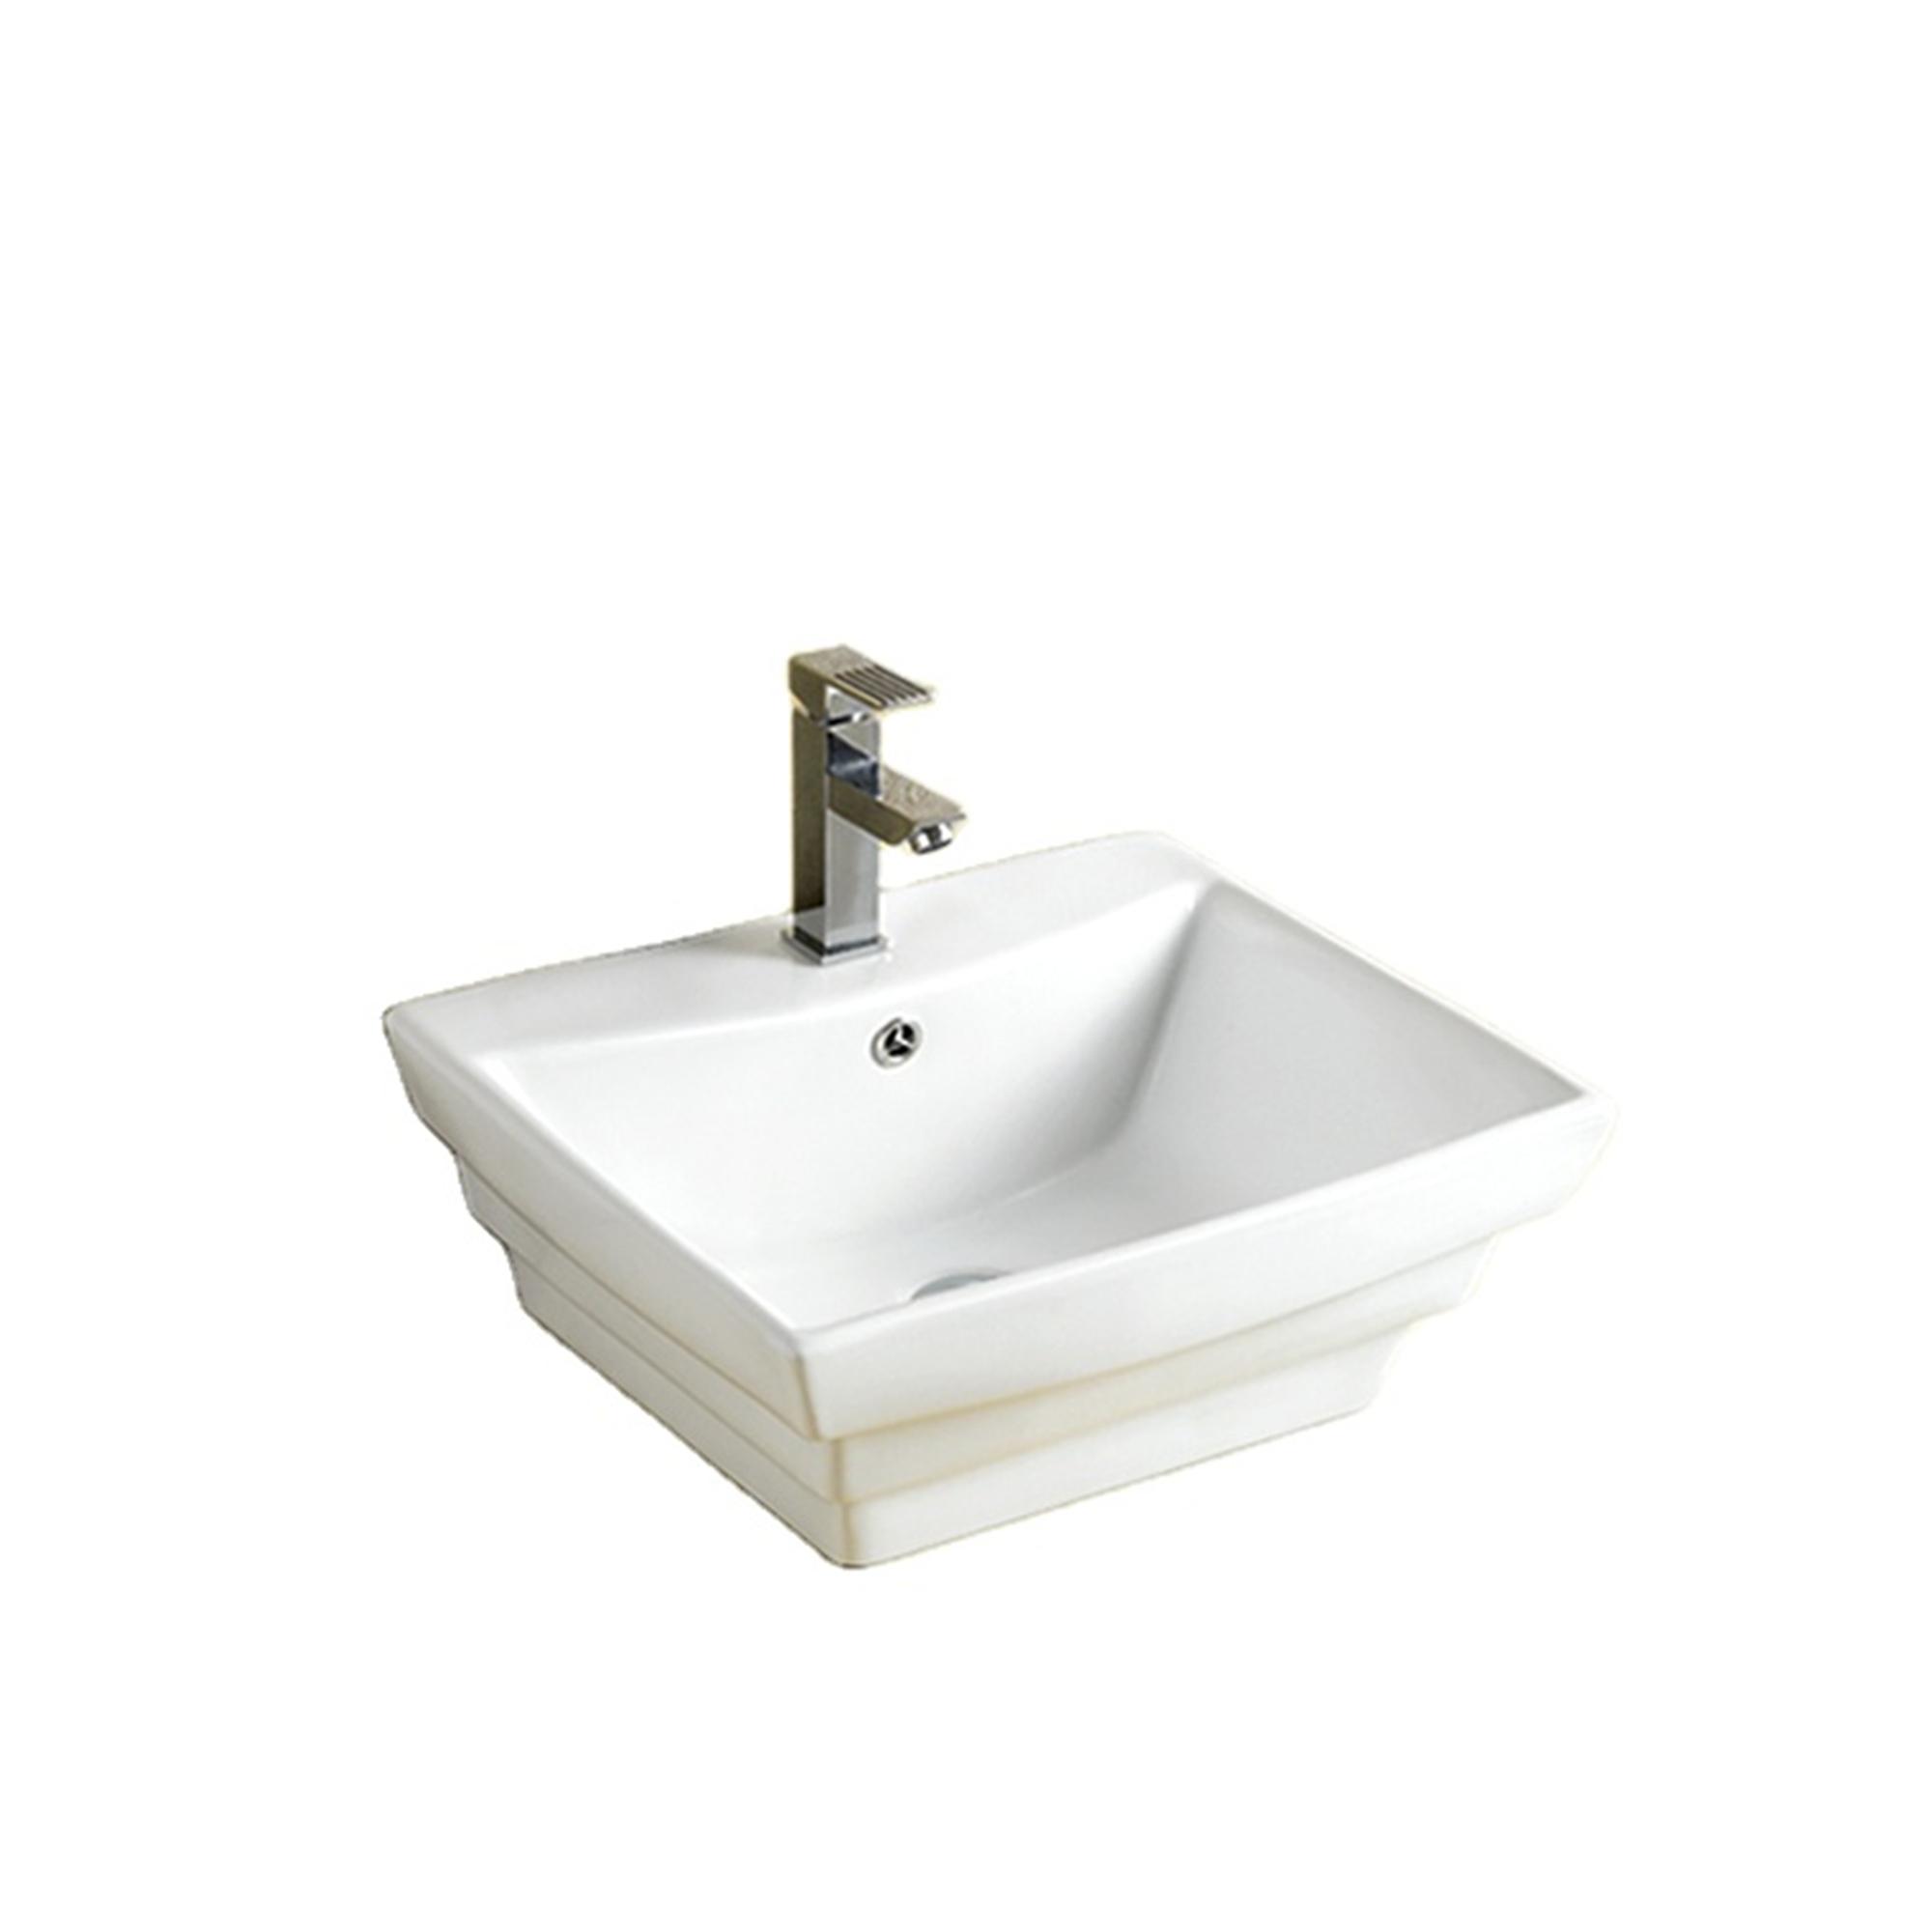 First-8012 Luxury Designs Ceramic Lavabo Bathroom Sinks Wash Basin